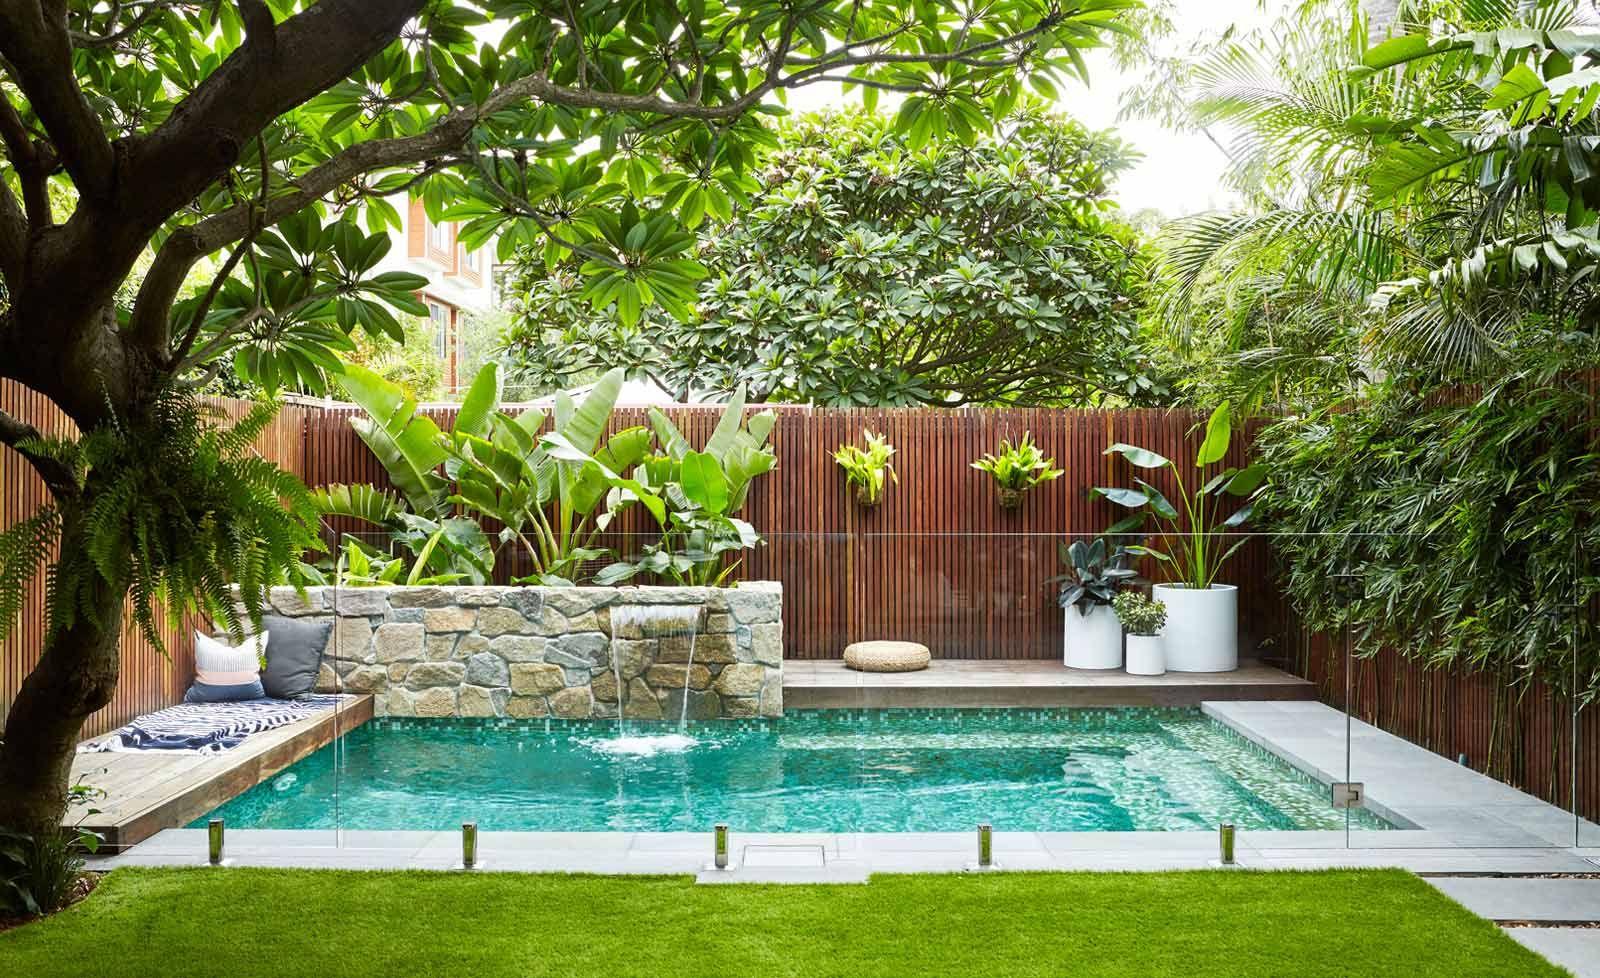 harrison landscaping pool ideas